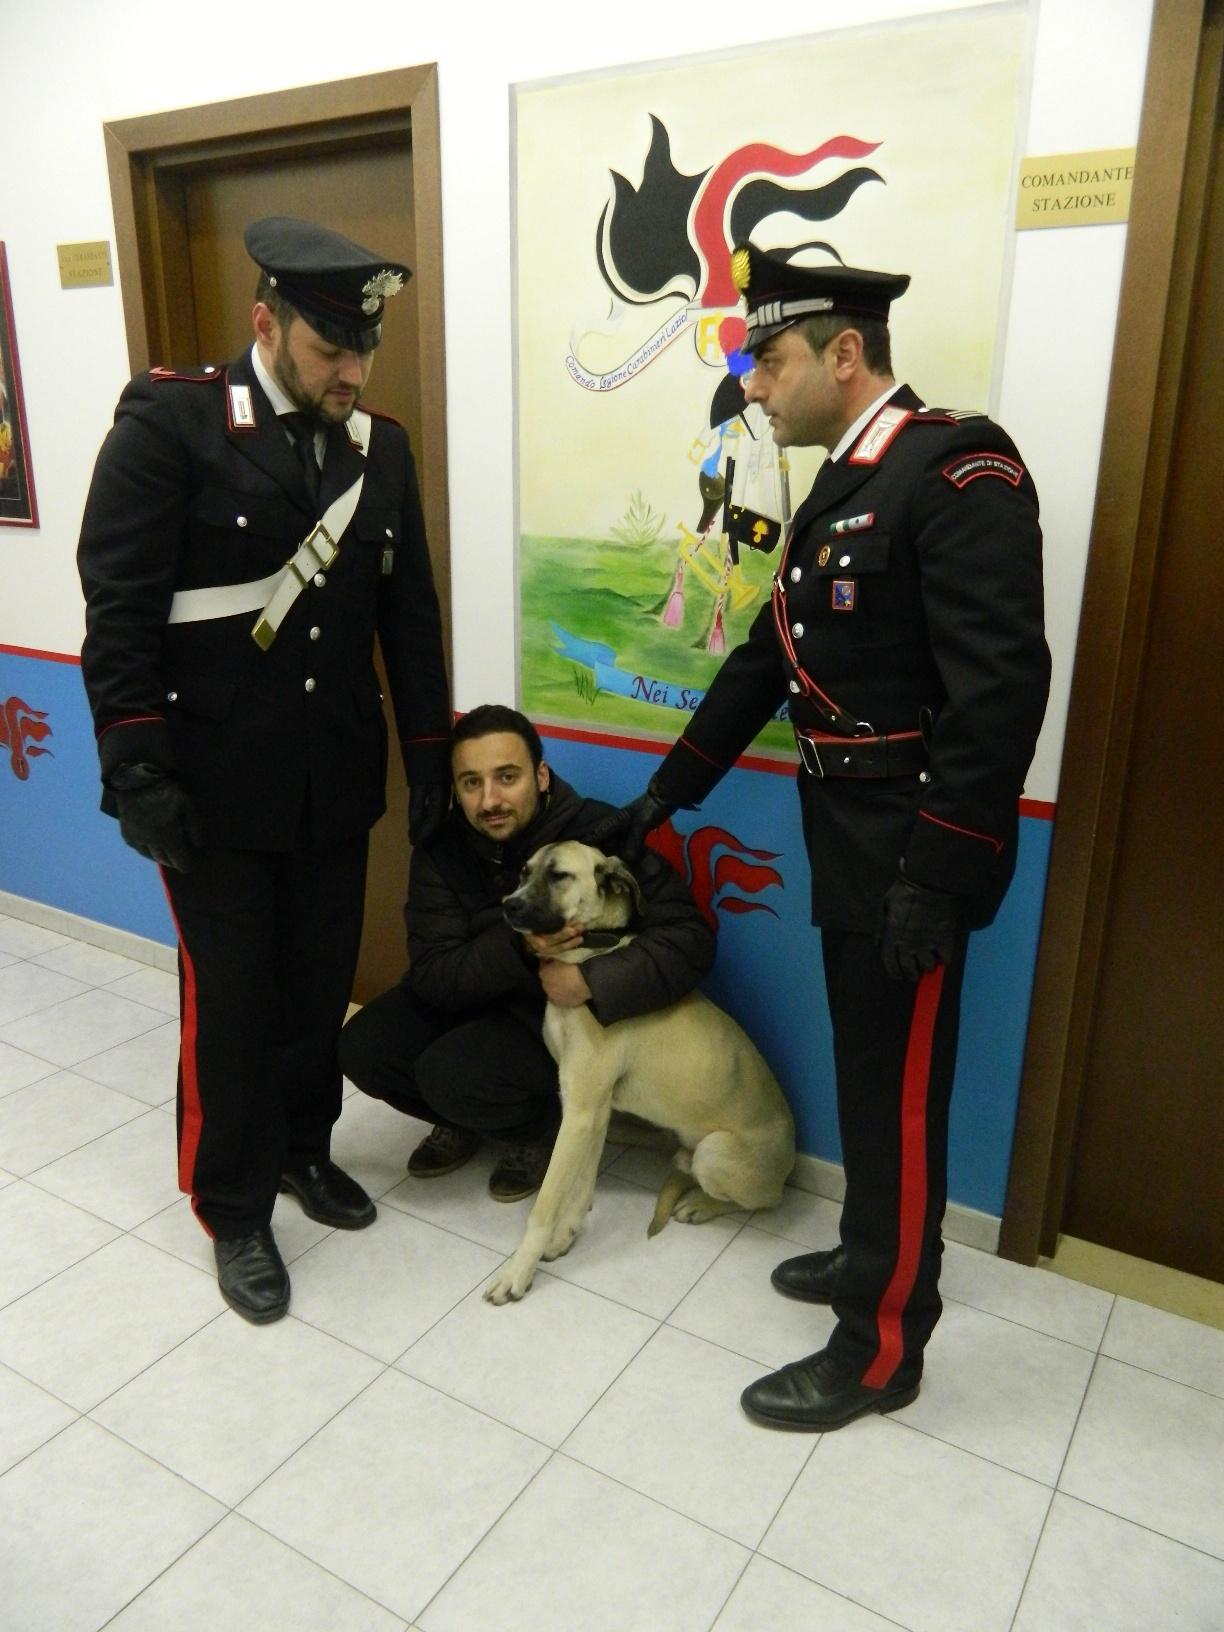 Photo of Rapisce un cane e chiede il riscatto al proprietario. Poi gli aizza contro il suo molossoide. Morso il comandante dei Carabinieri, che erano intervenuti